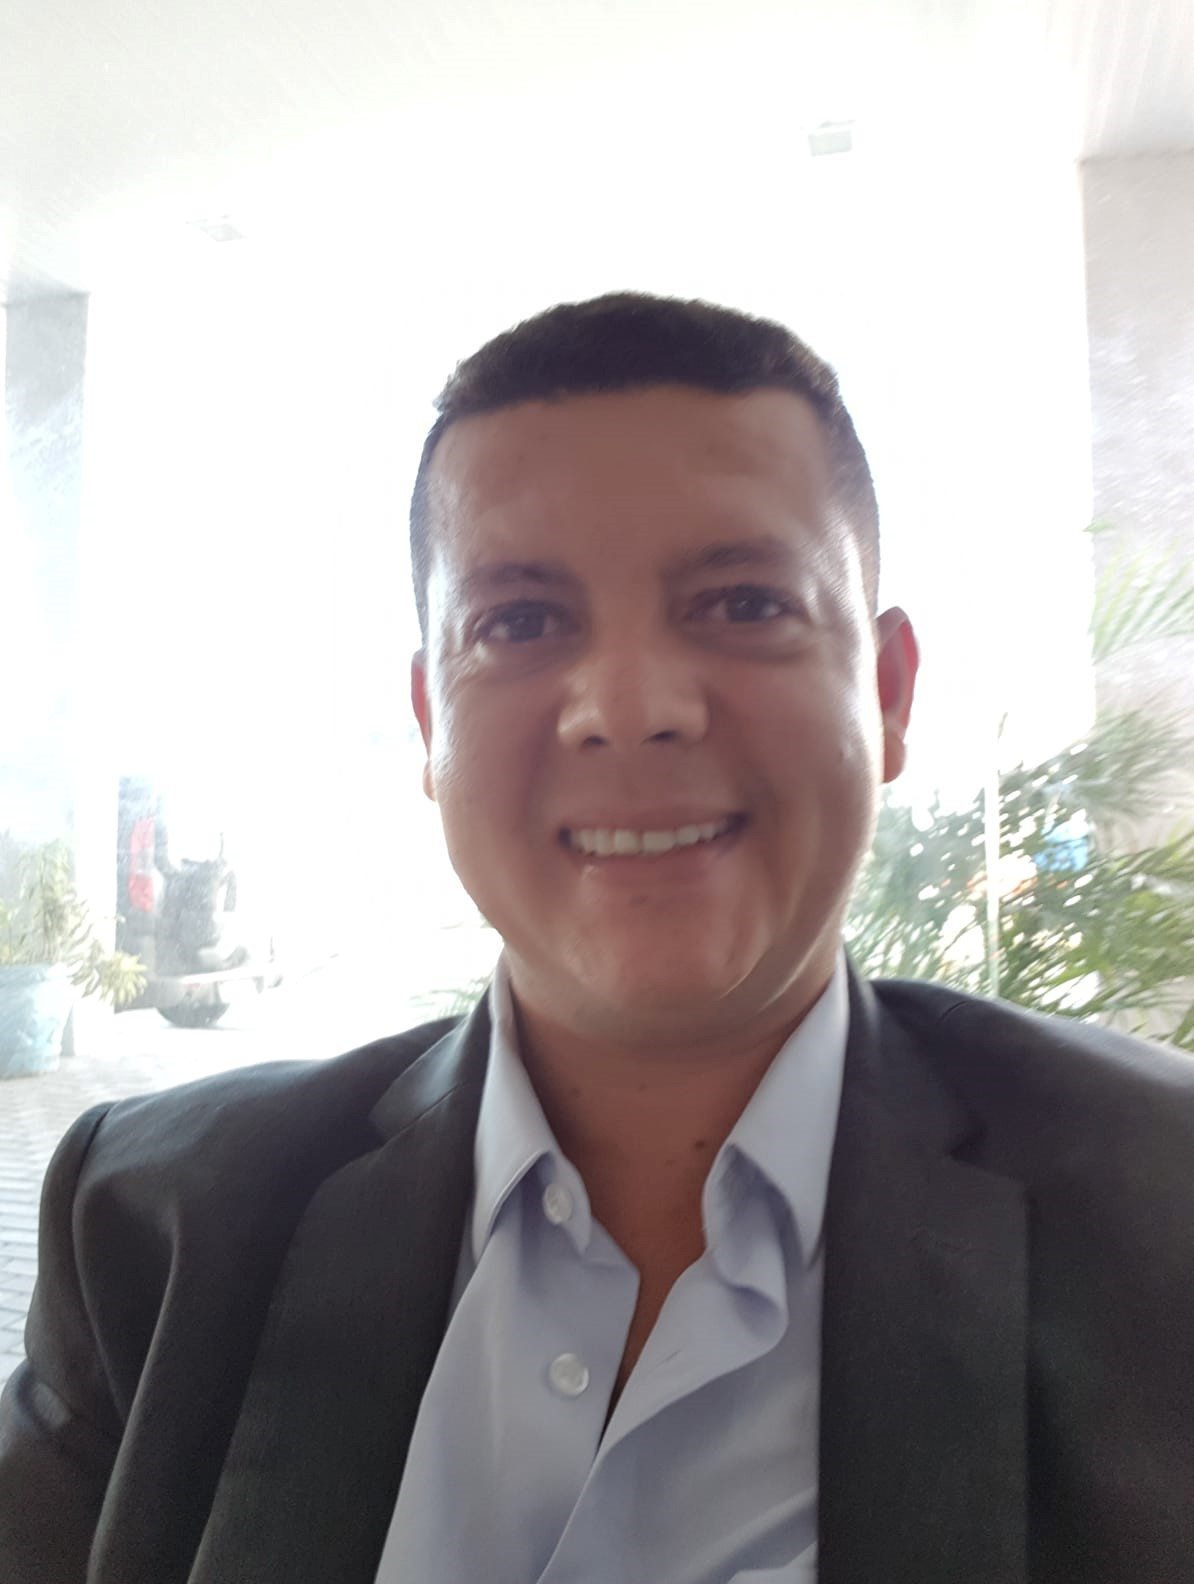 ANTONIO ADRIANO ALVES DE SOUZA